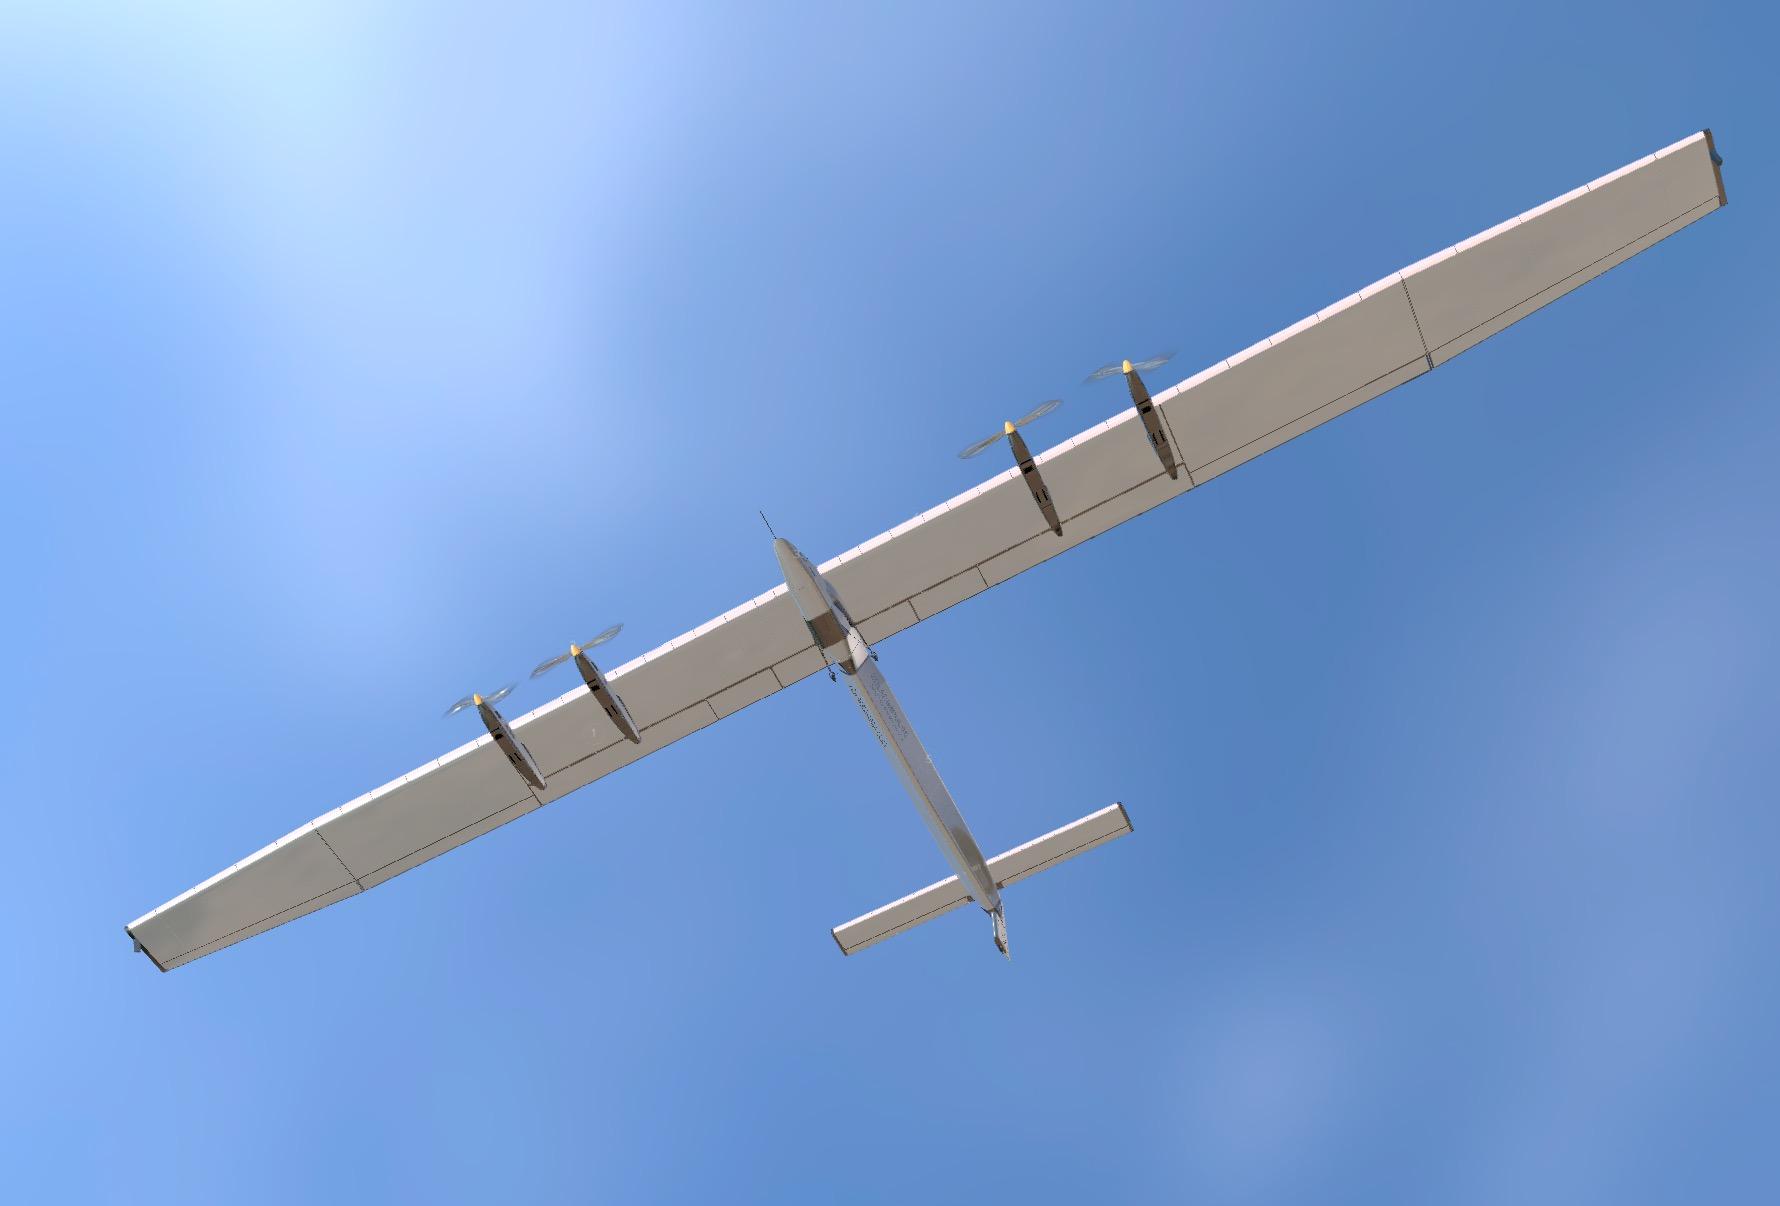 The Solarimpulse Has Been 3D'd